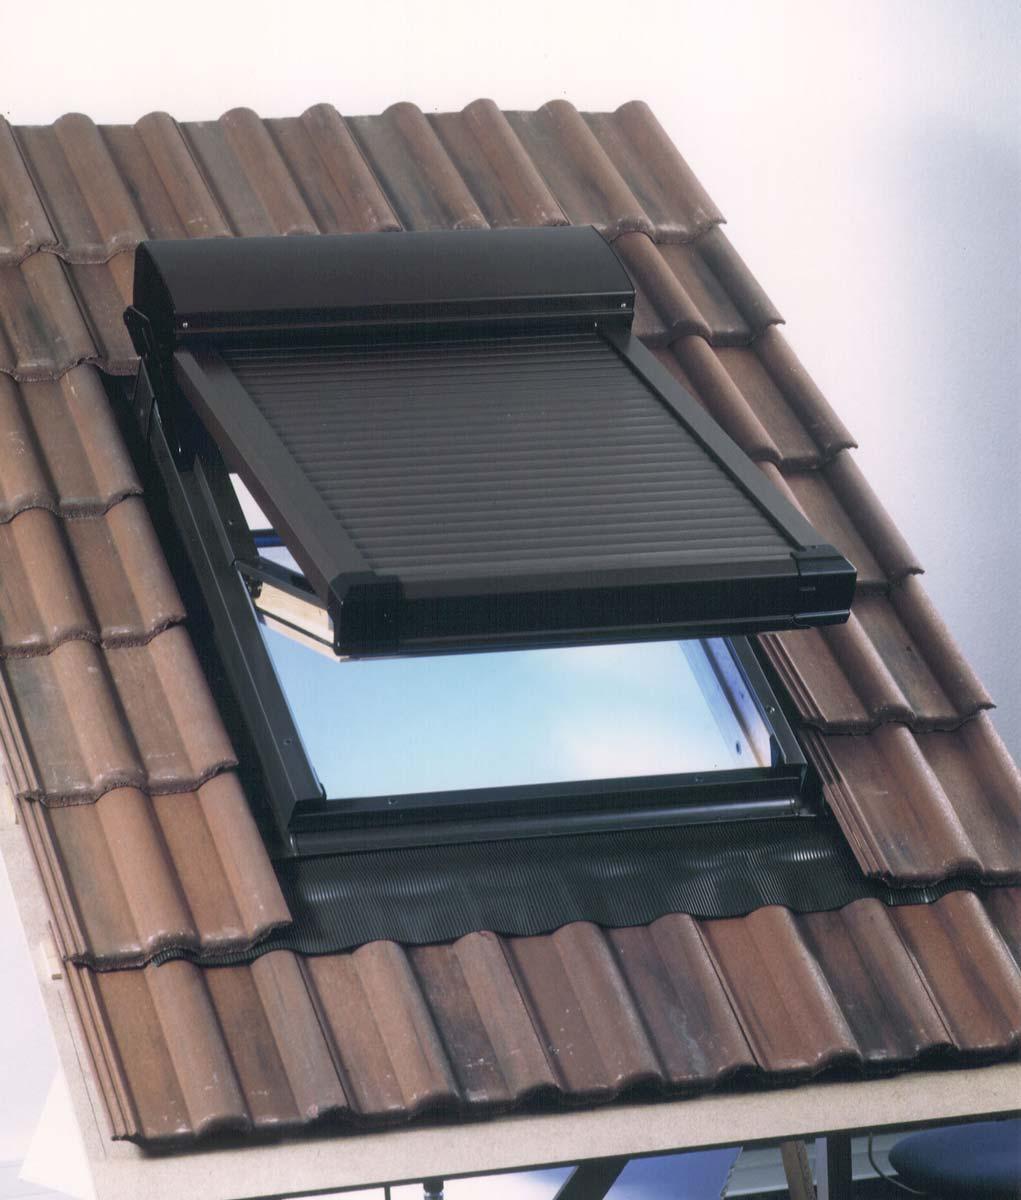 Großartig Dachfensterrollläden für jede Größe - maßgefertigt WA09